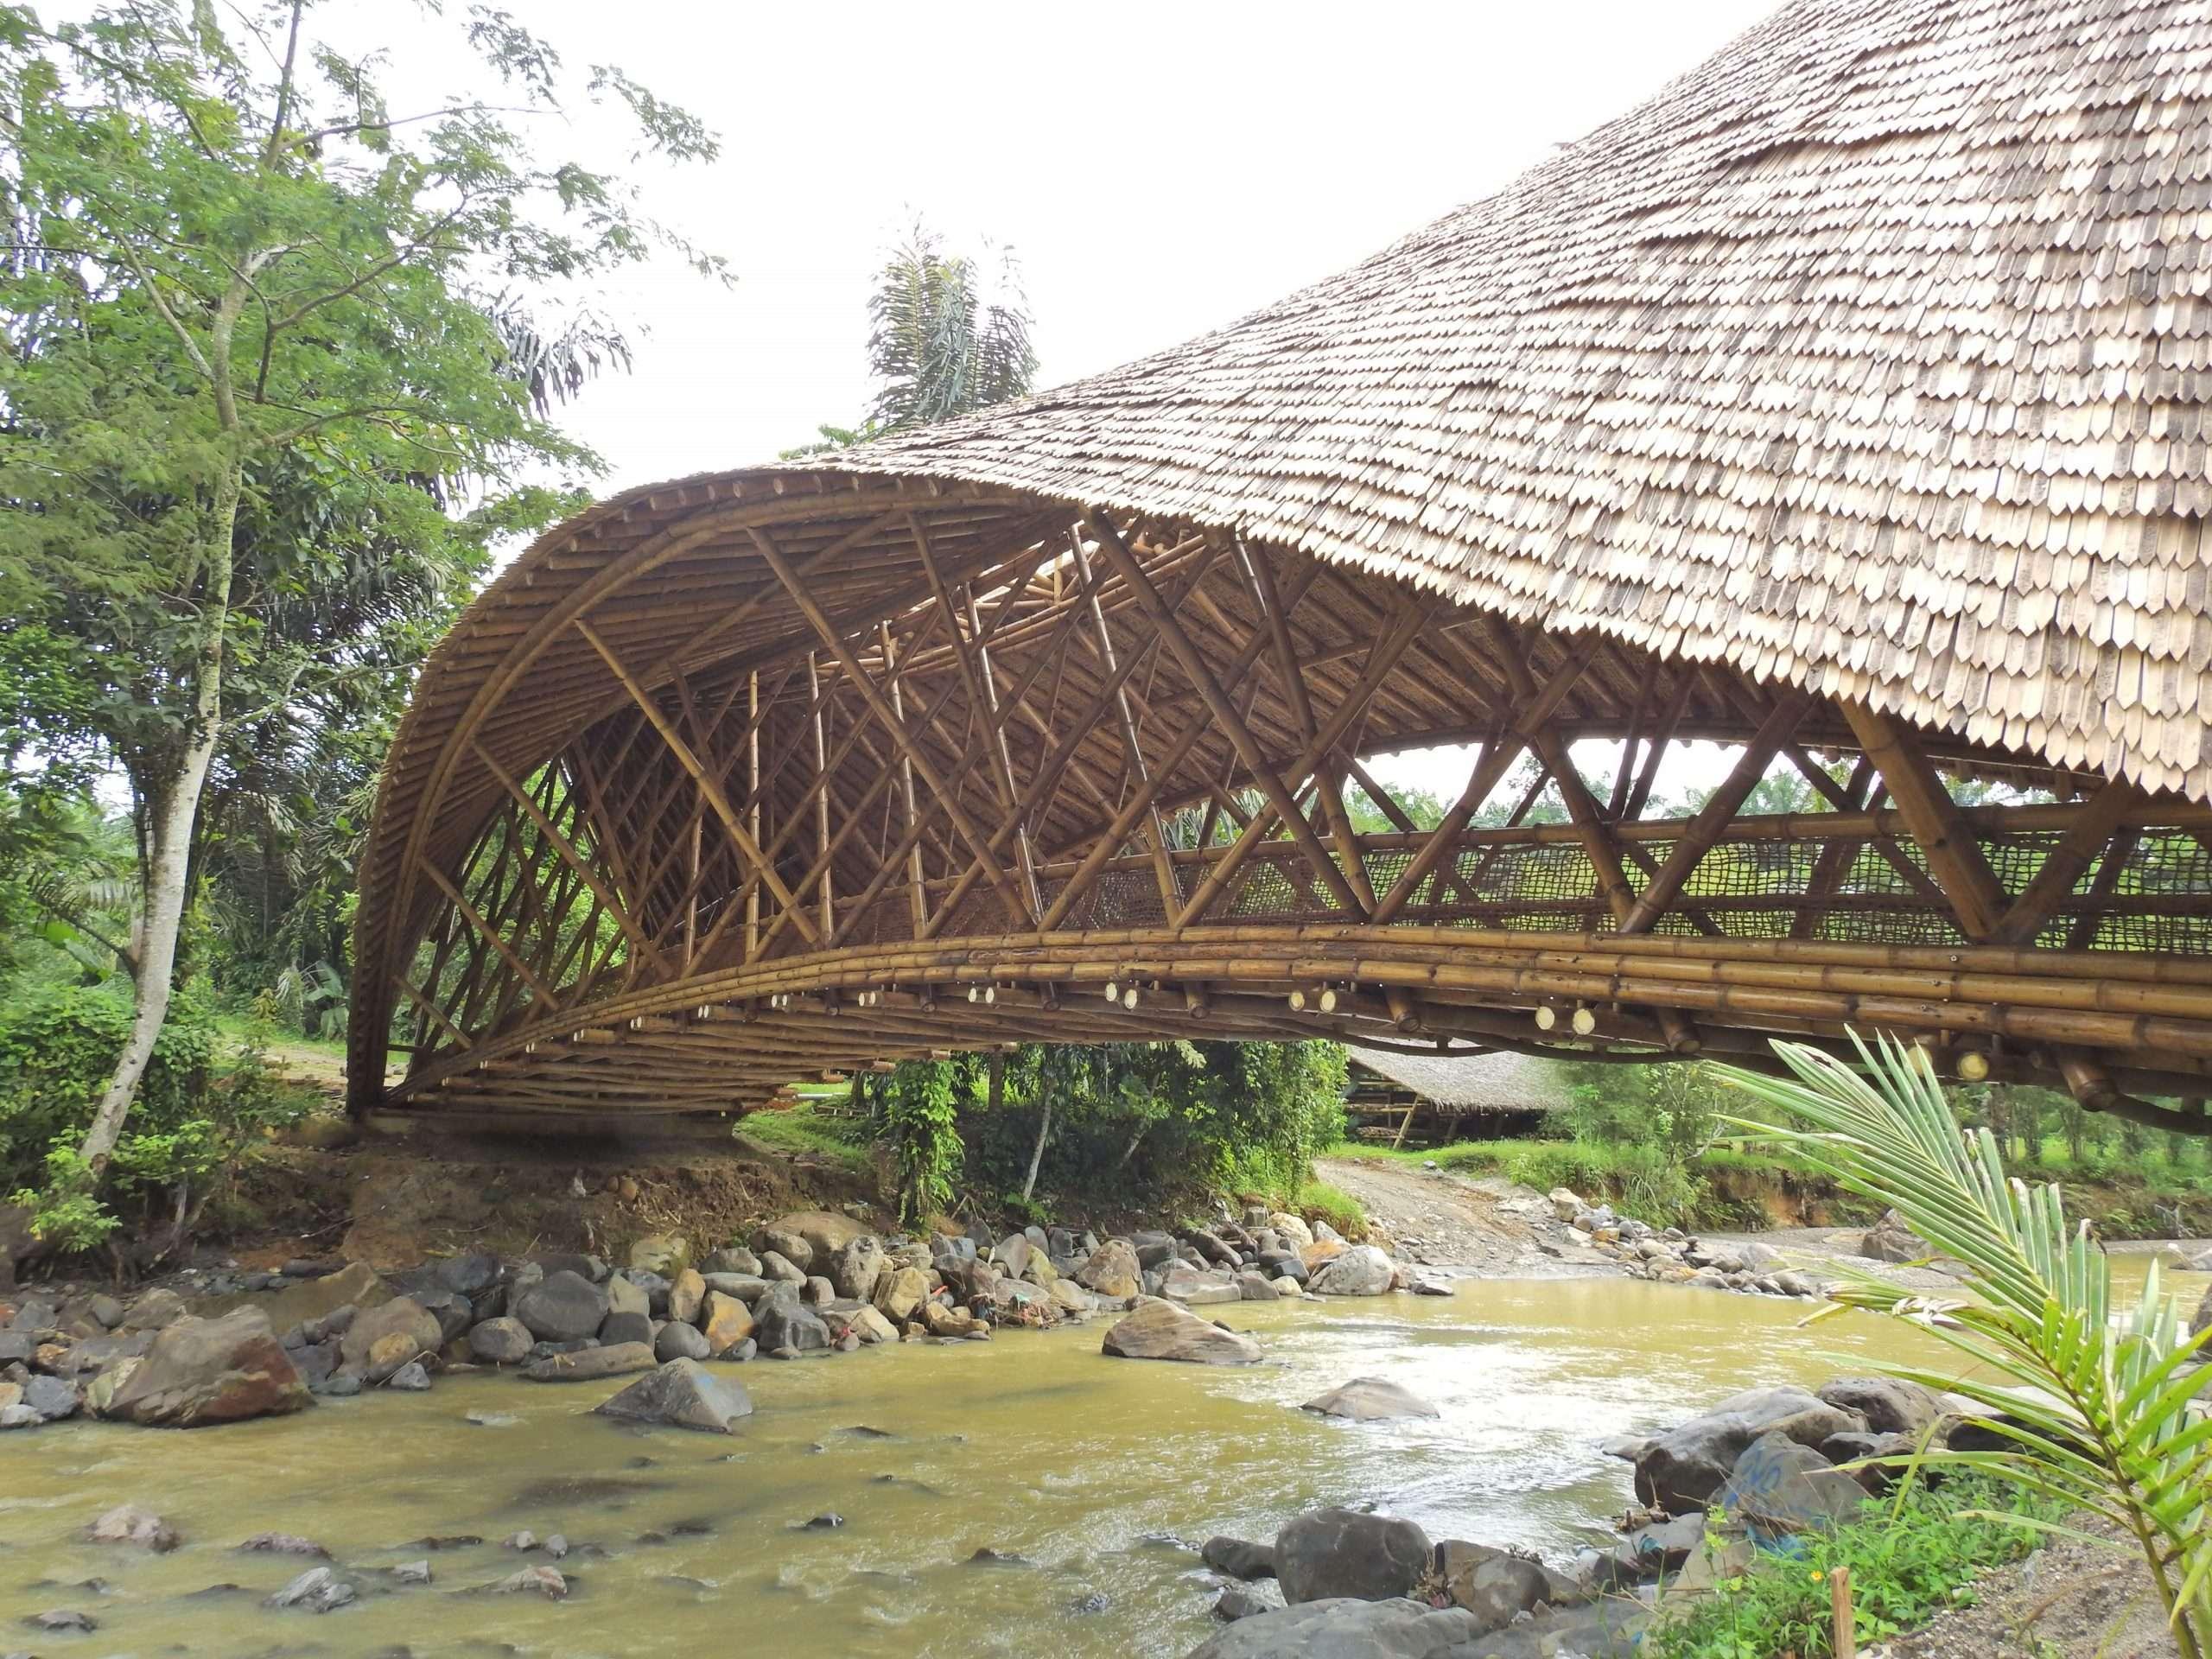 Orangutan Haven Bridge